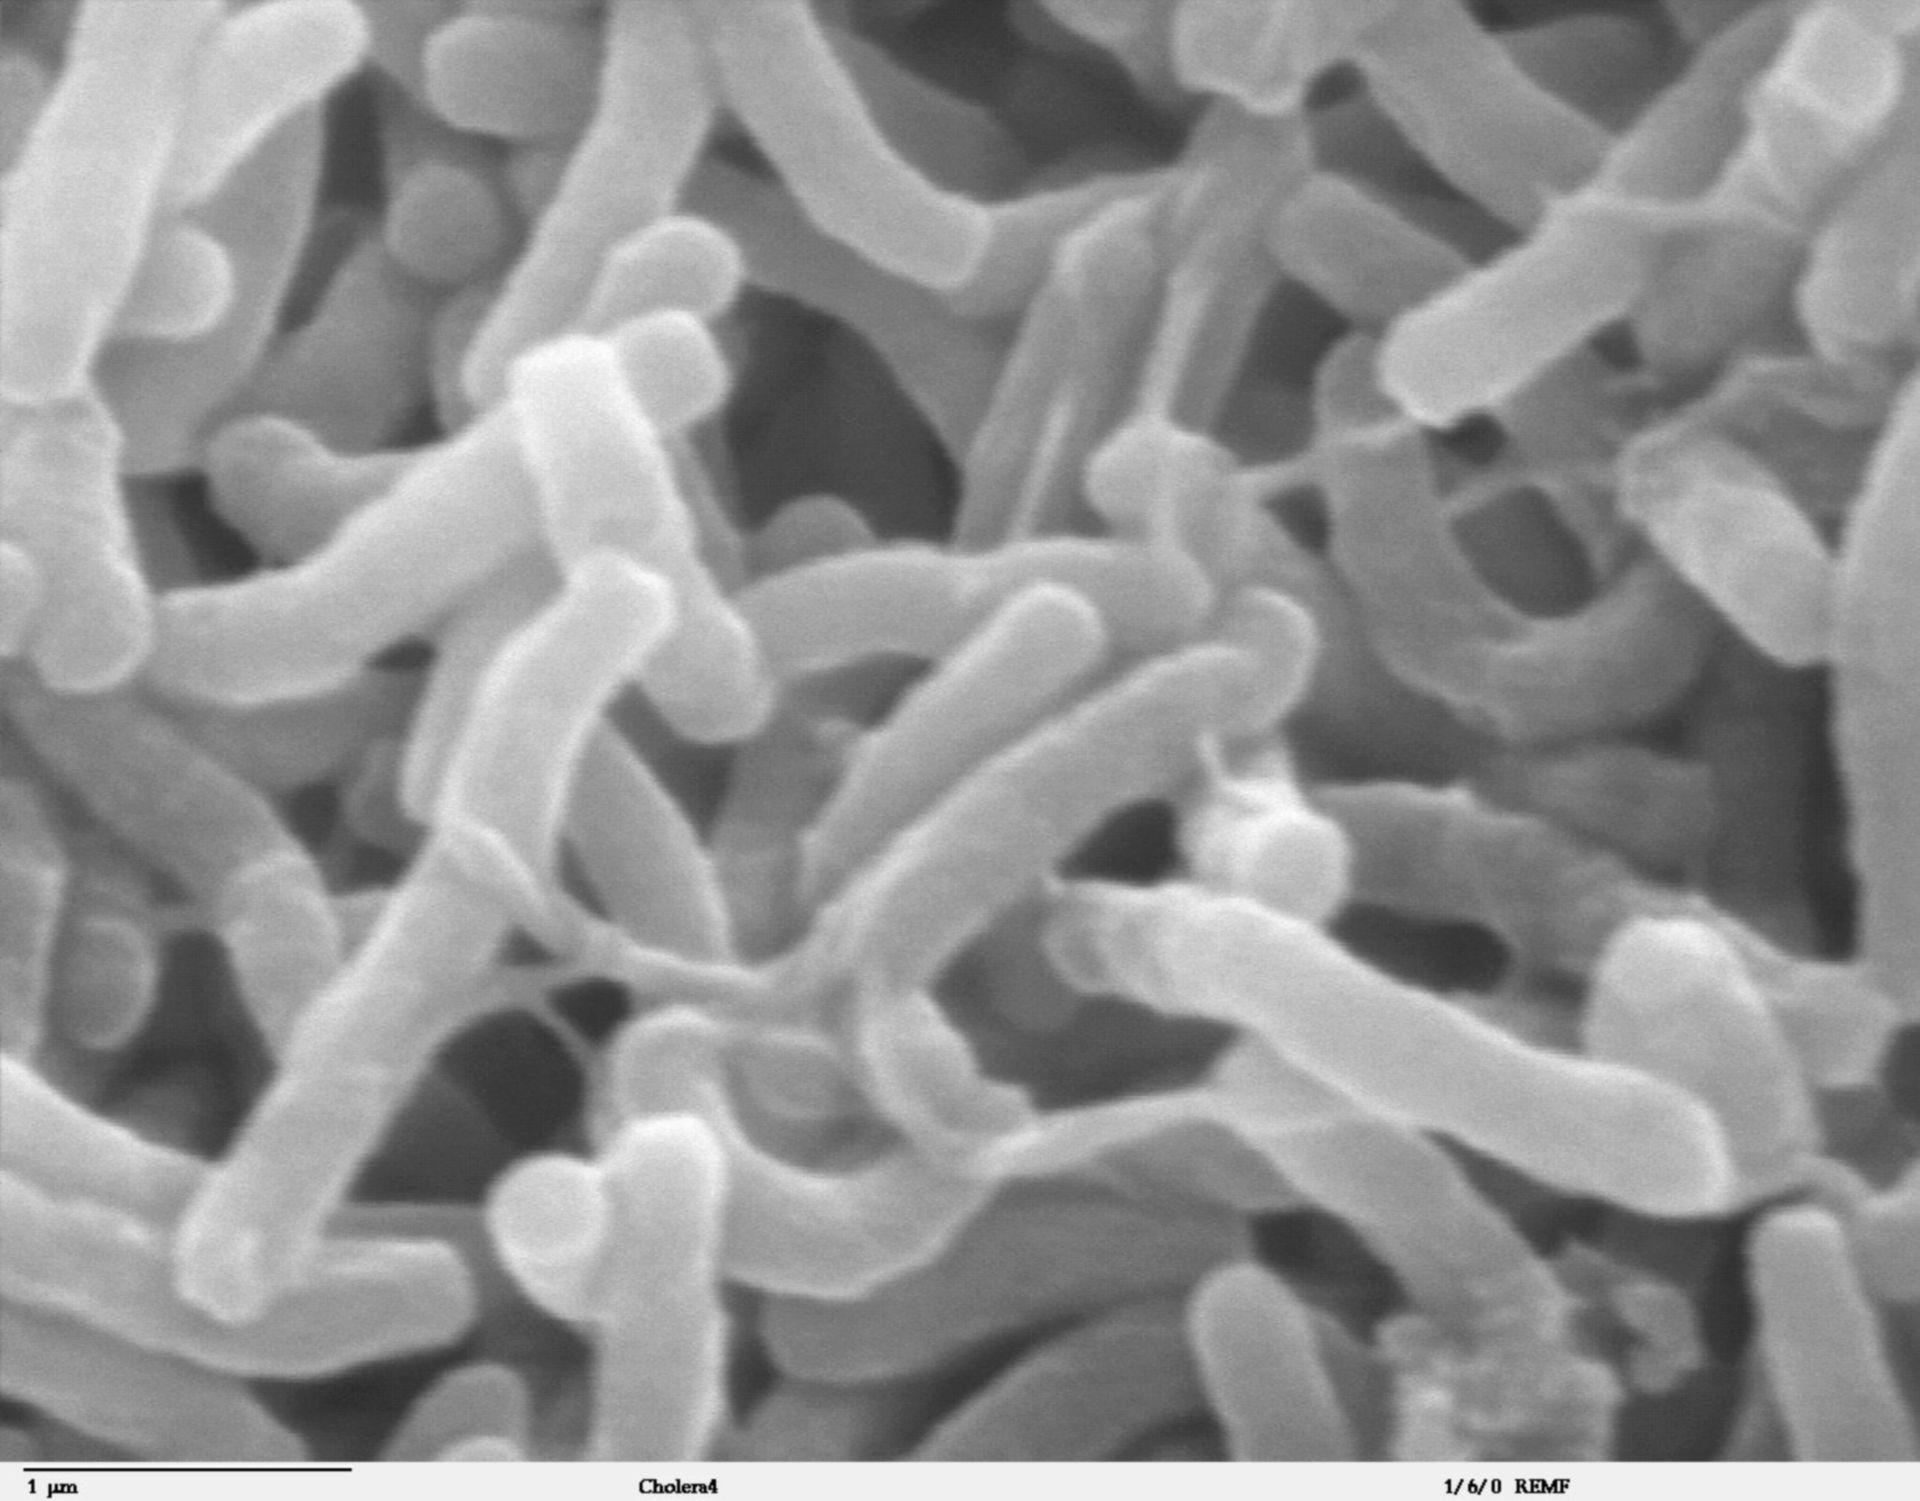 Vibrio cholerae (superficie cellulare) - CIL:40399